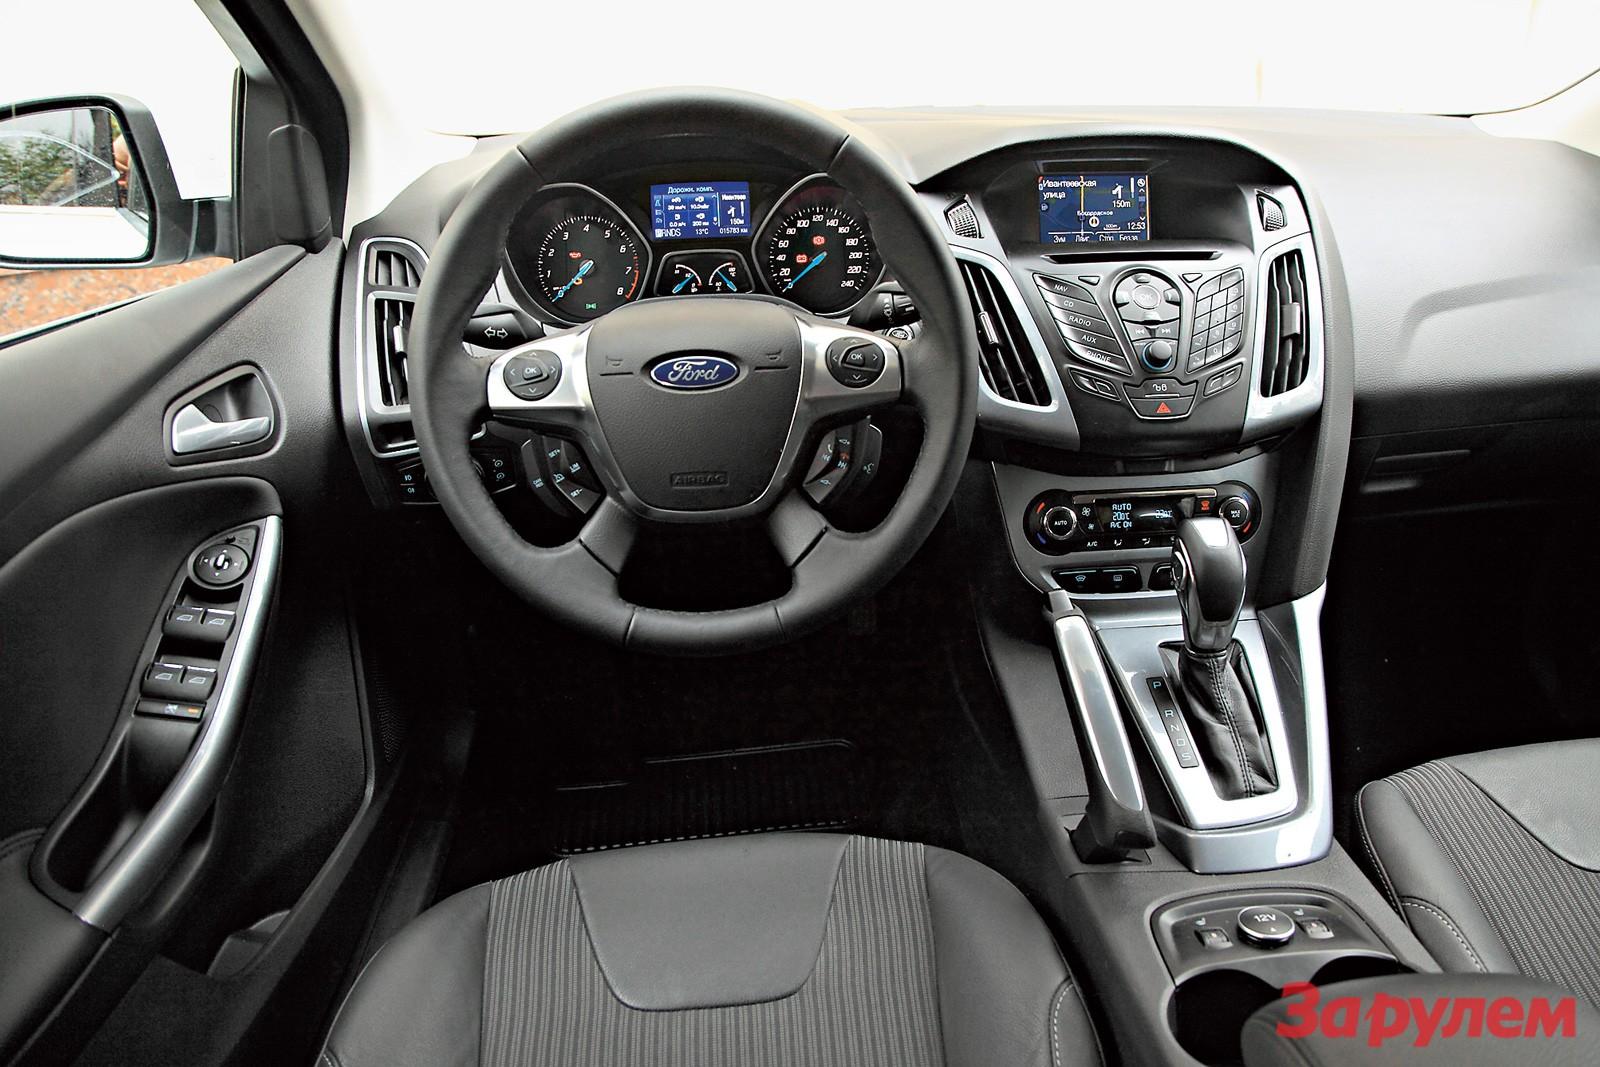 Ford Focus Usb - AliExpress